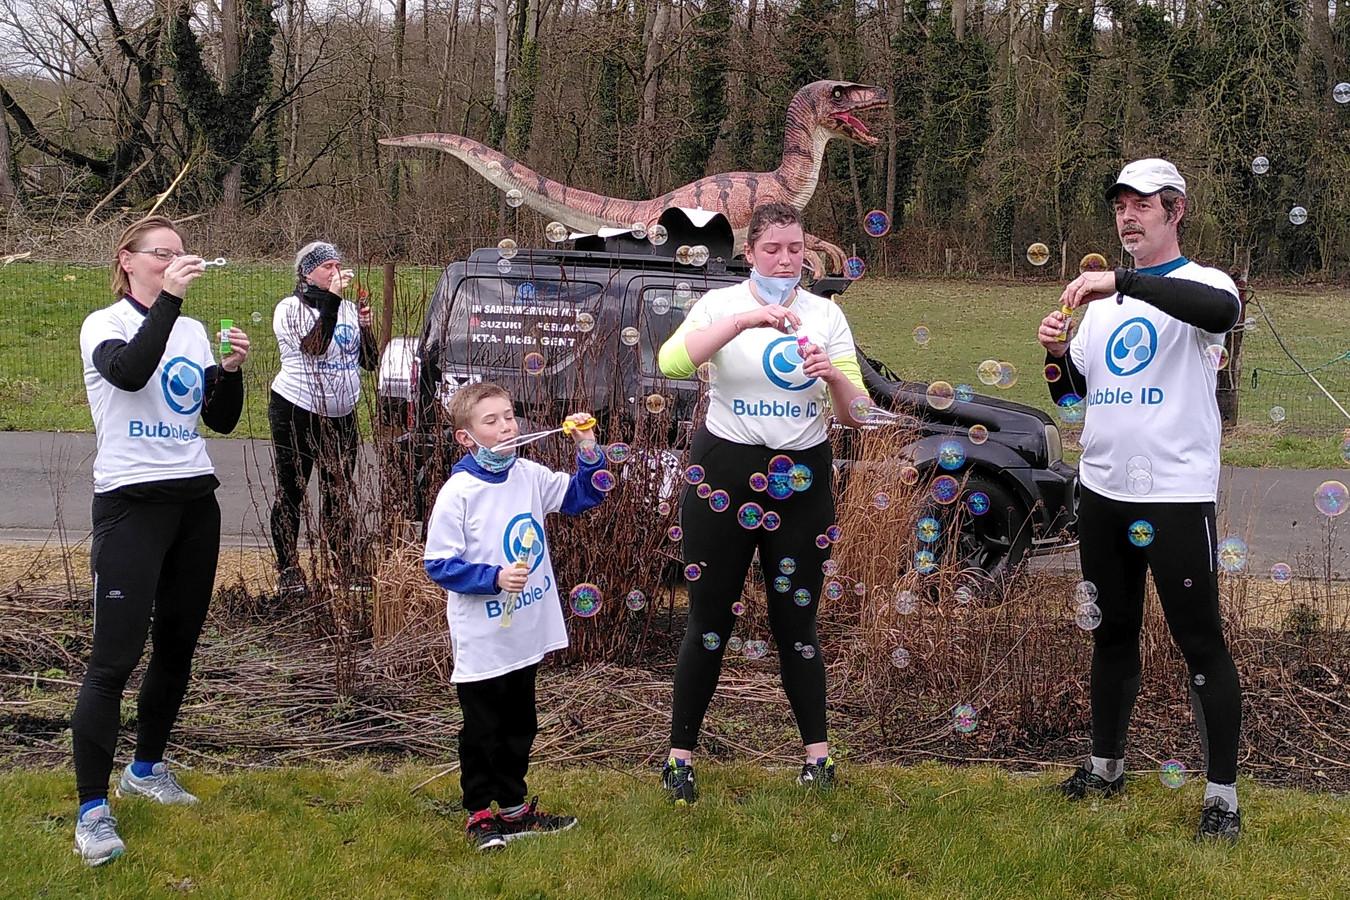 Nadat Jan (rechts op de foto) zijn 10 mijl liep had hij nog voldoende zuurstof om zeepbellen te blazen voor Bubble ID.